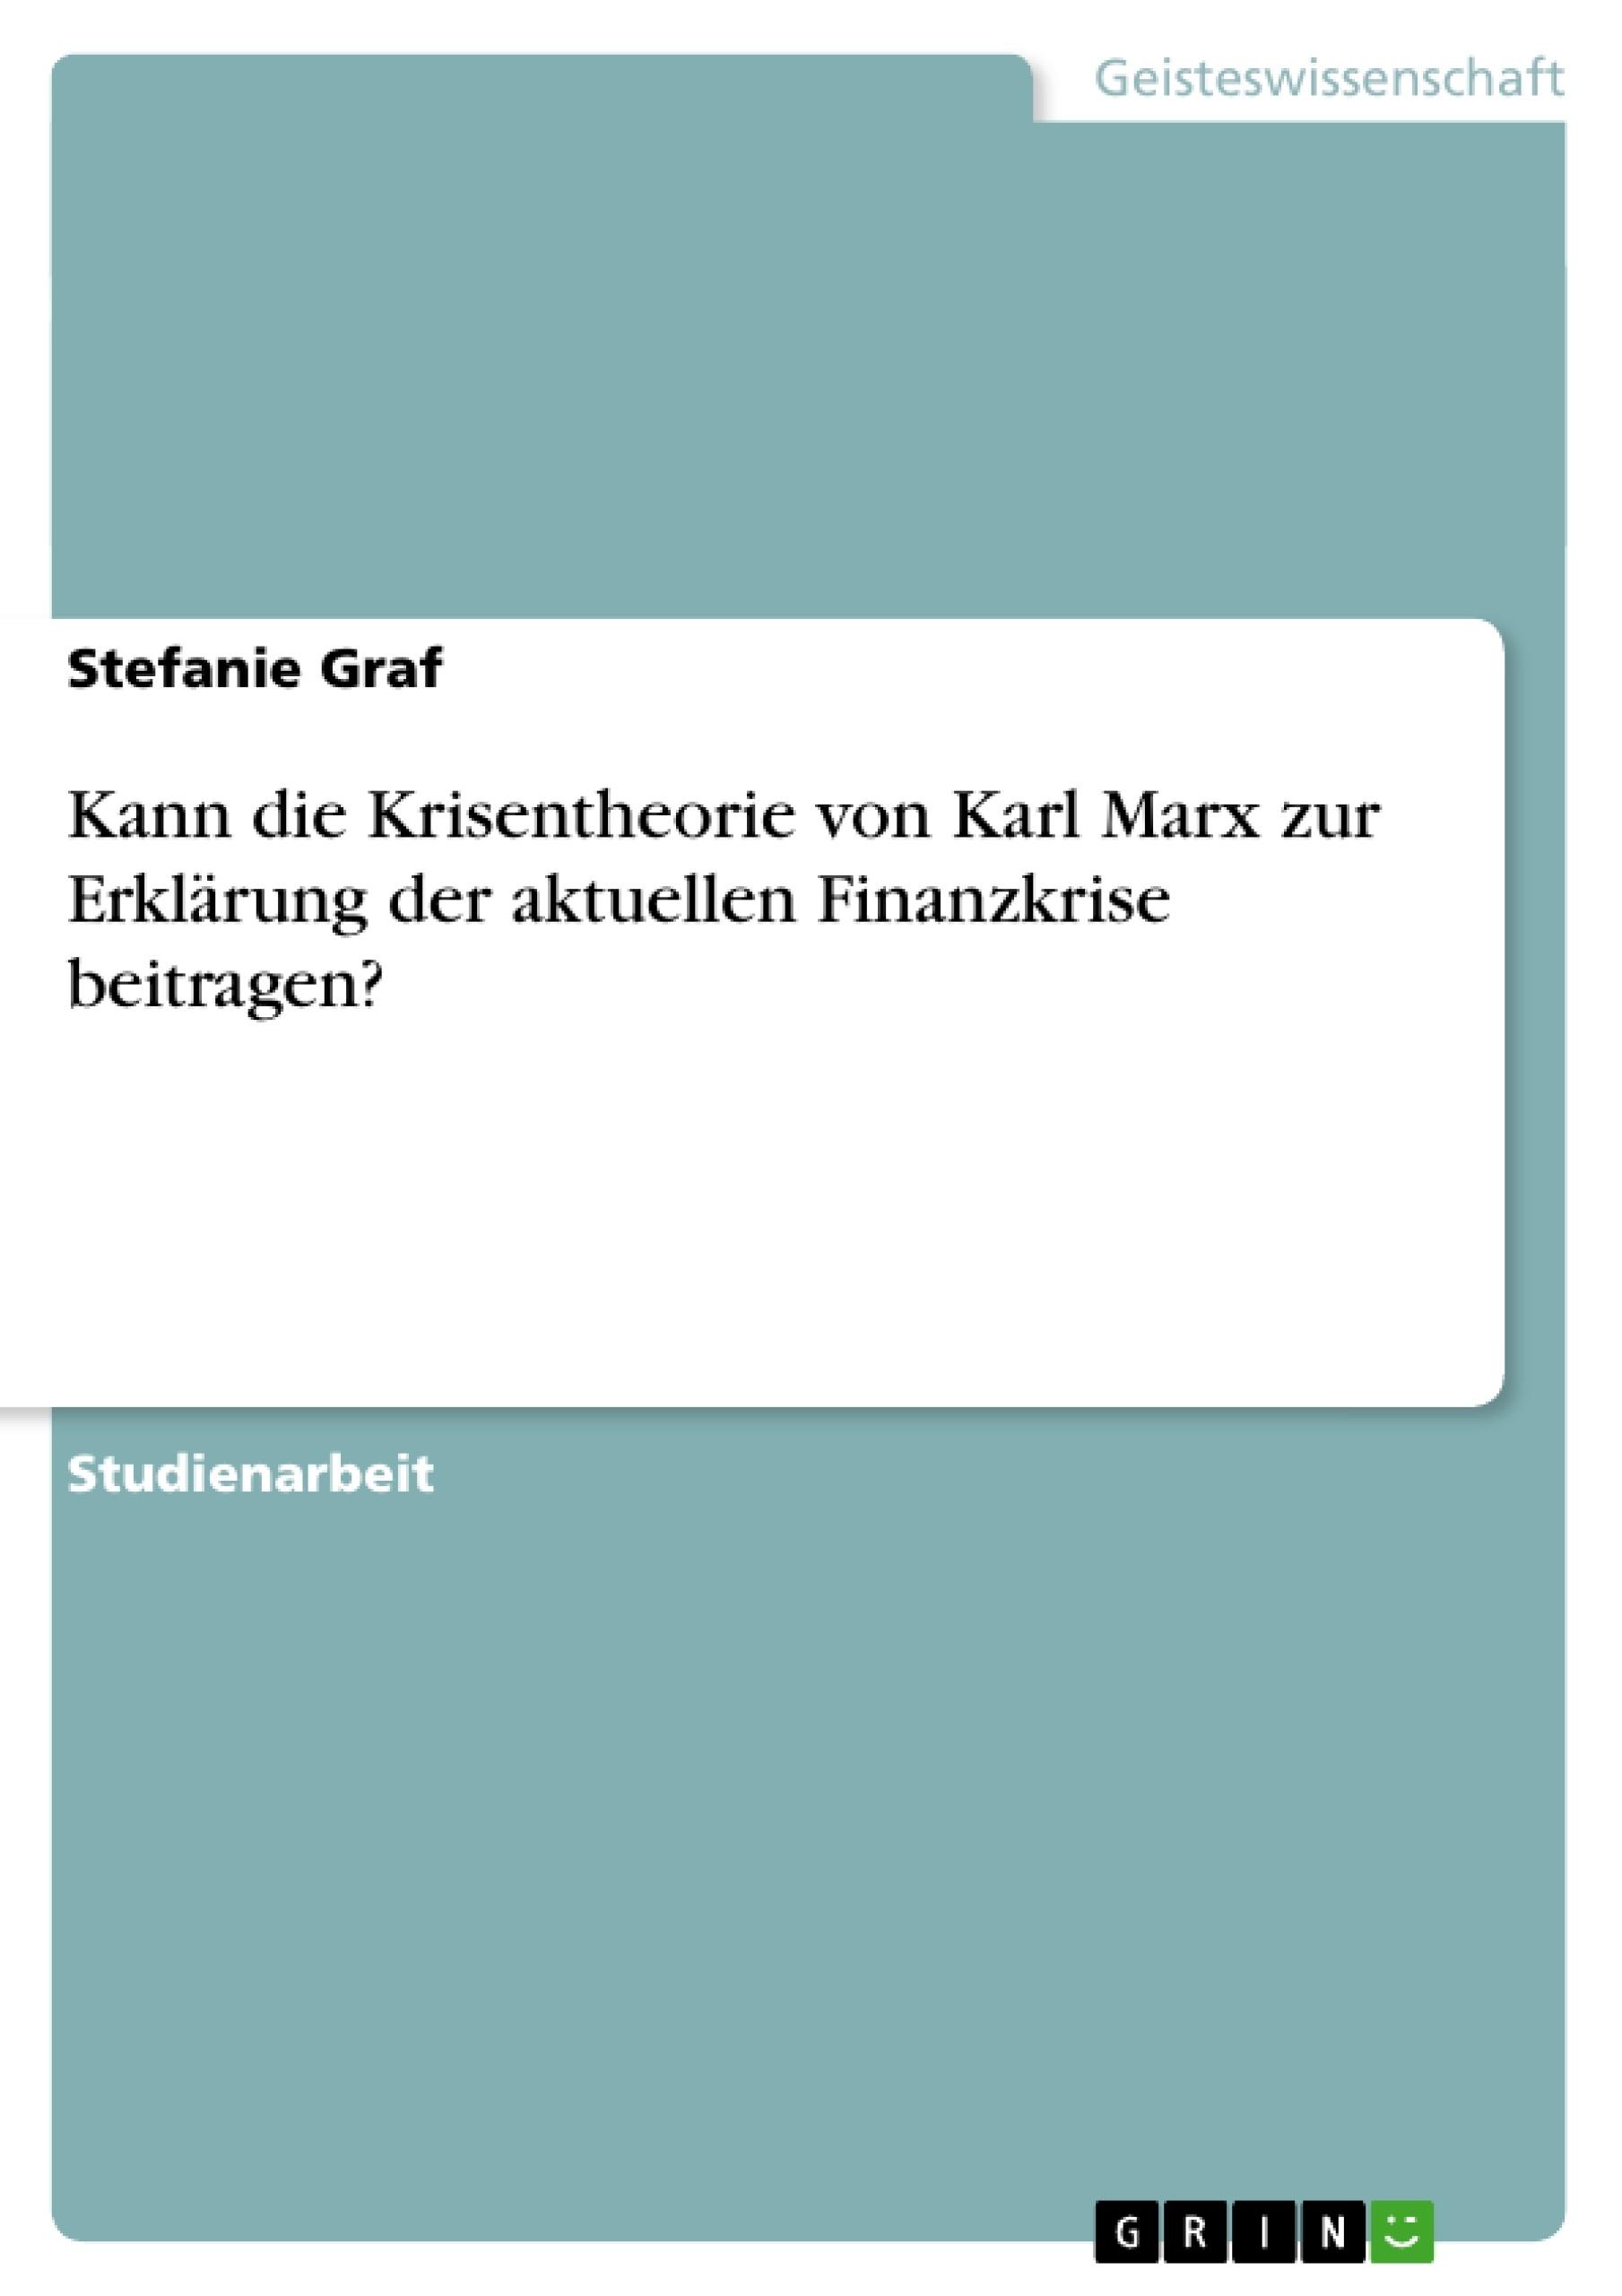 Titel: Kann die Krisentheorie von Karl Marx zur Erklärung der aktuellen Finanzkrise beitragen?